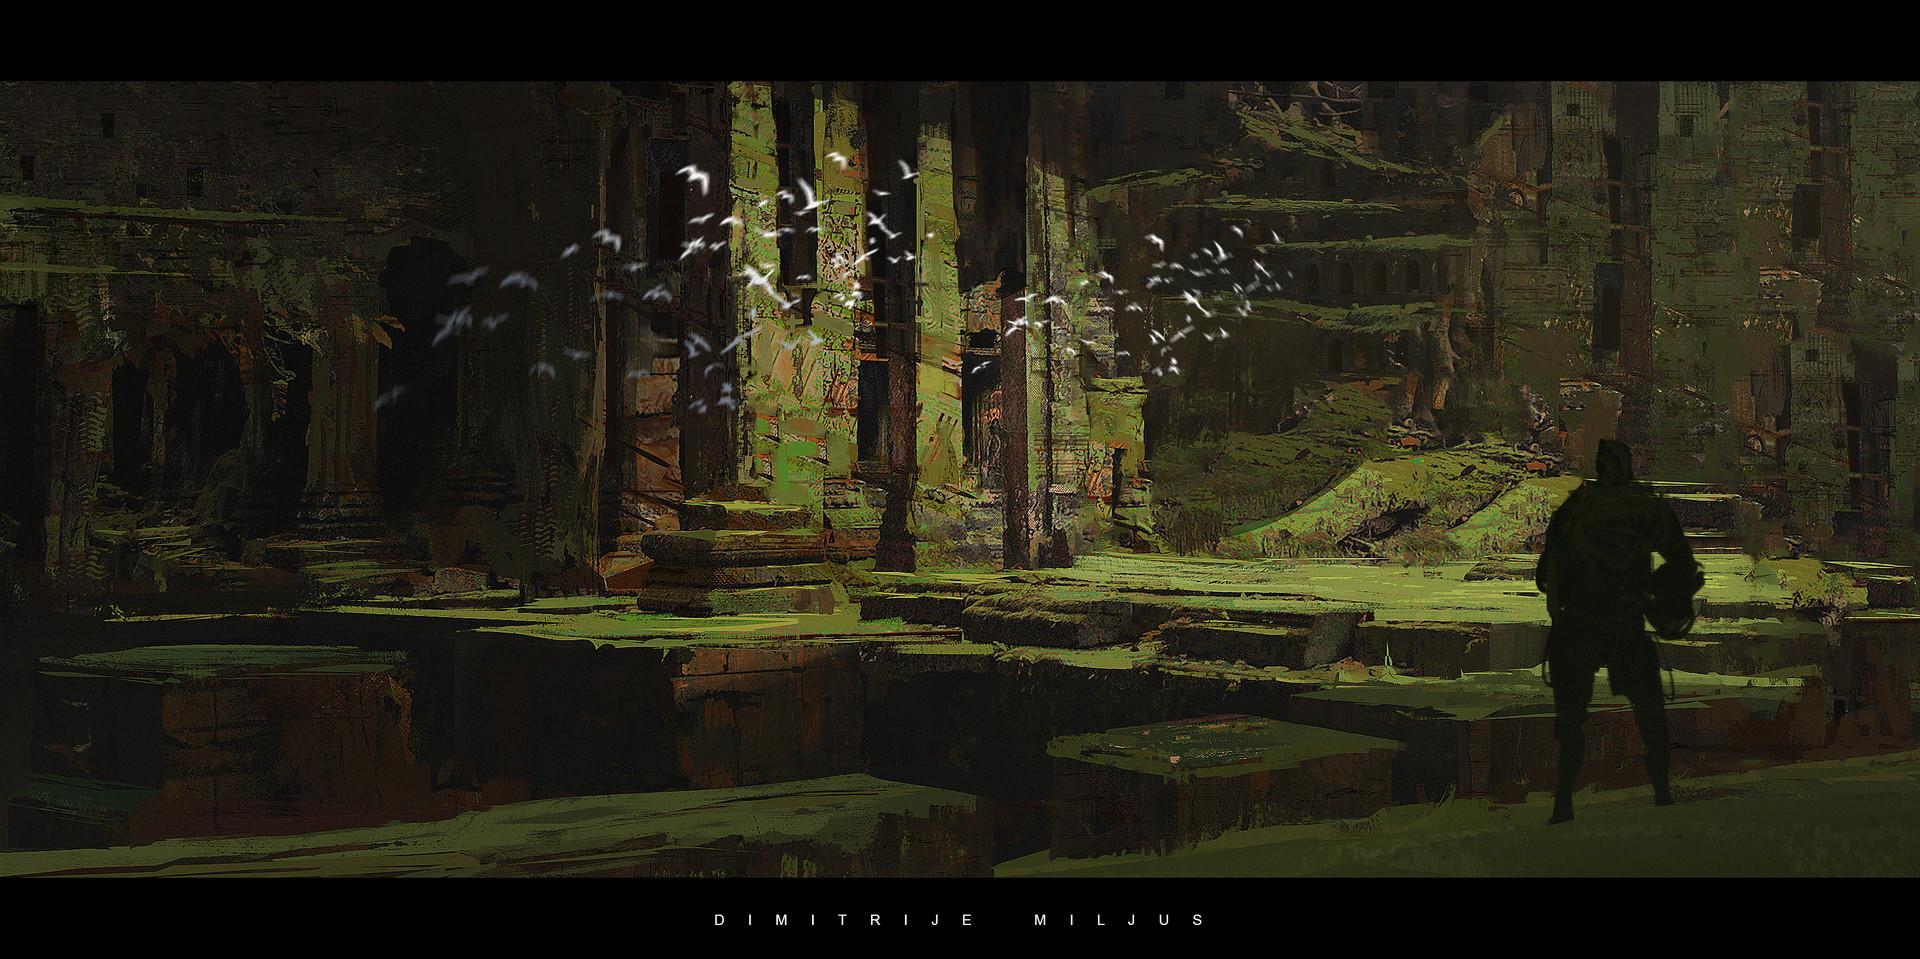 Dimitrije miljus ruinz f